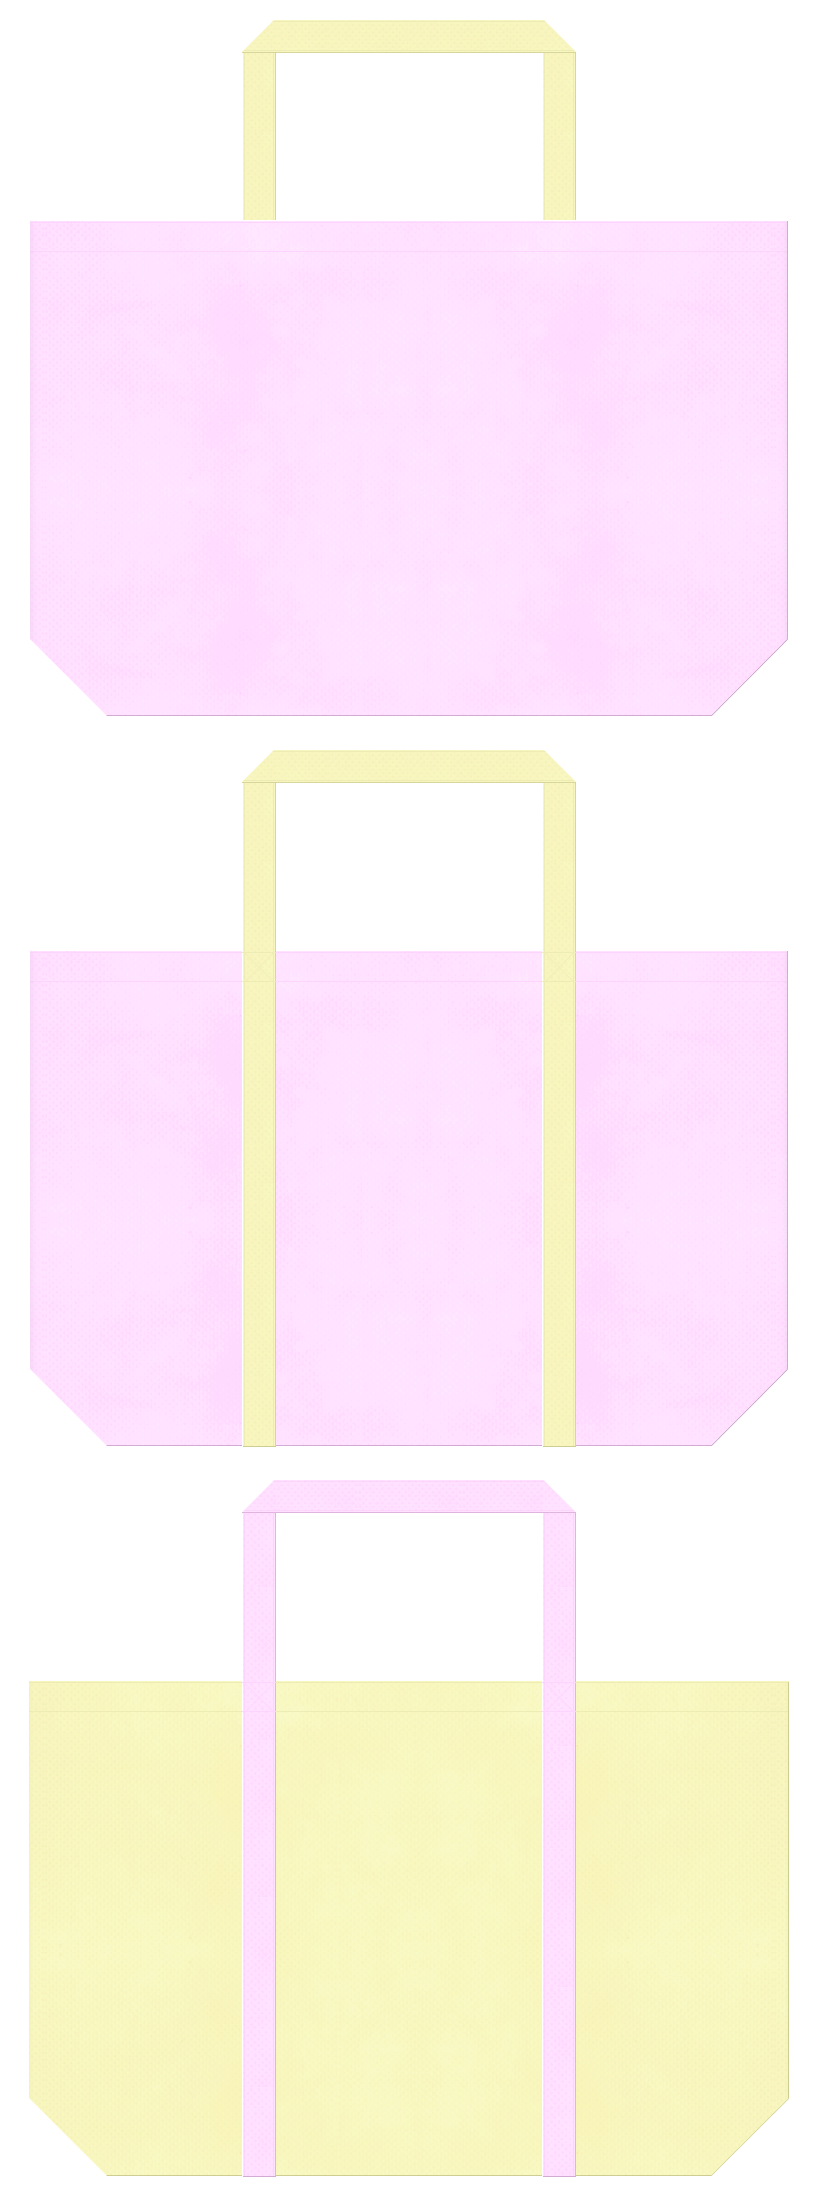 保育・福祉・介護・医療・七五三・ひな祭り・ムーンライト・バタフライ・ピーチ・ファンシー・フラワーショップ・パステルカラー・ガーリーデザインにお奨めの不織布バッグデザイン:明るいピンク色と薄黄色のコーデ